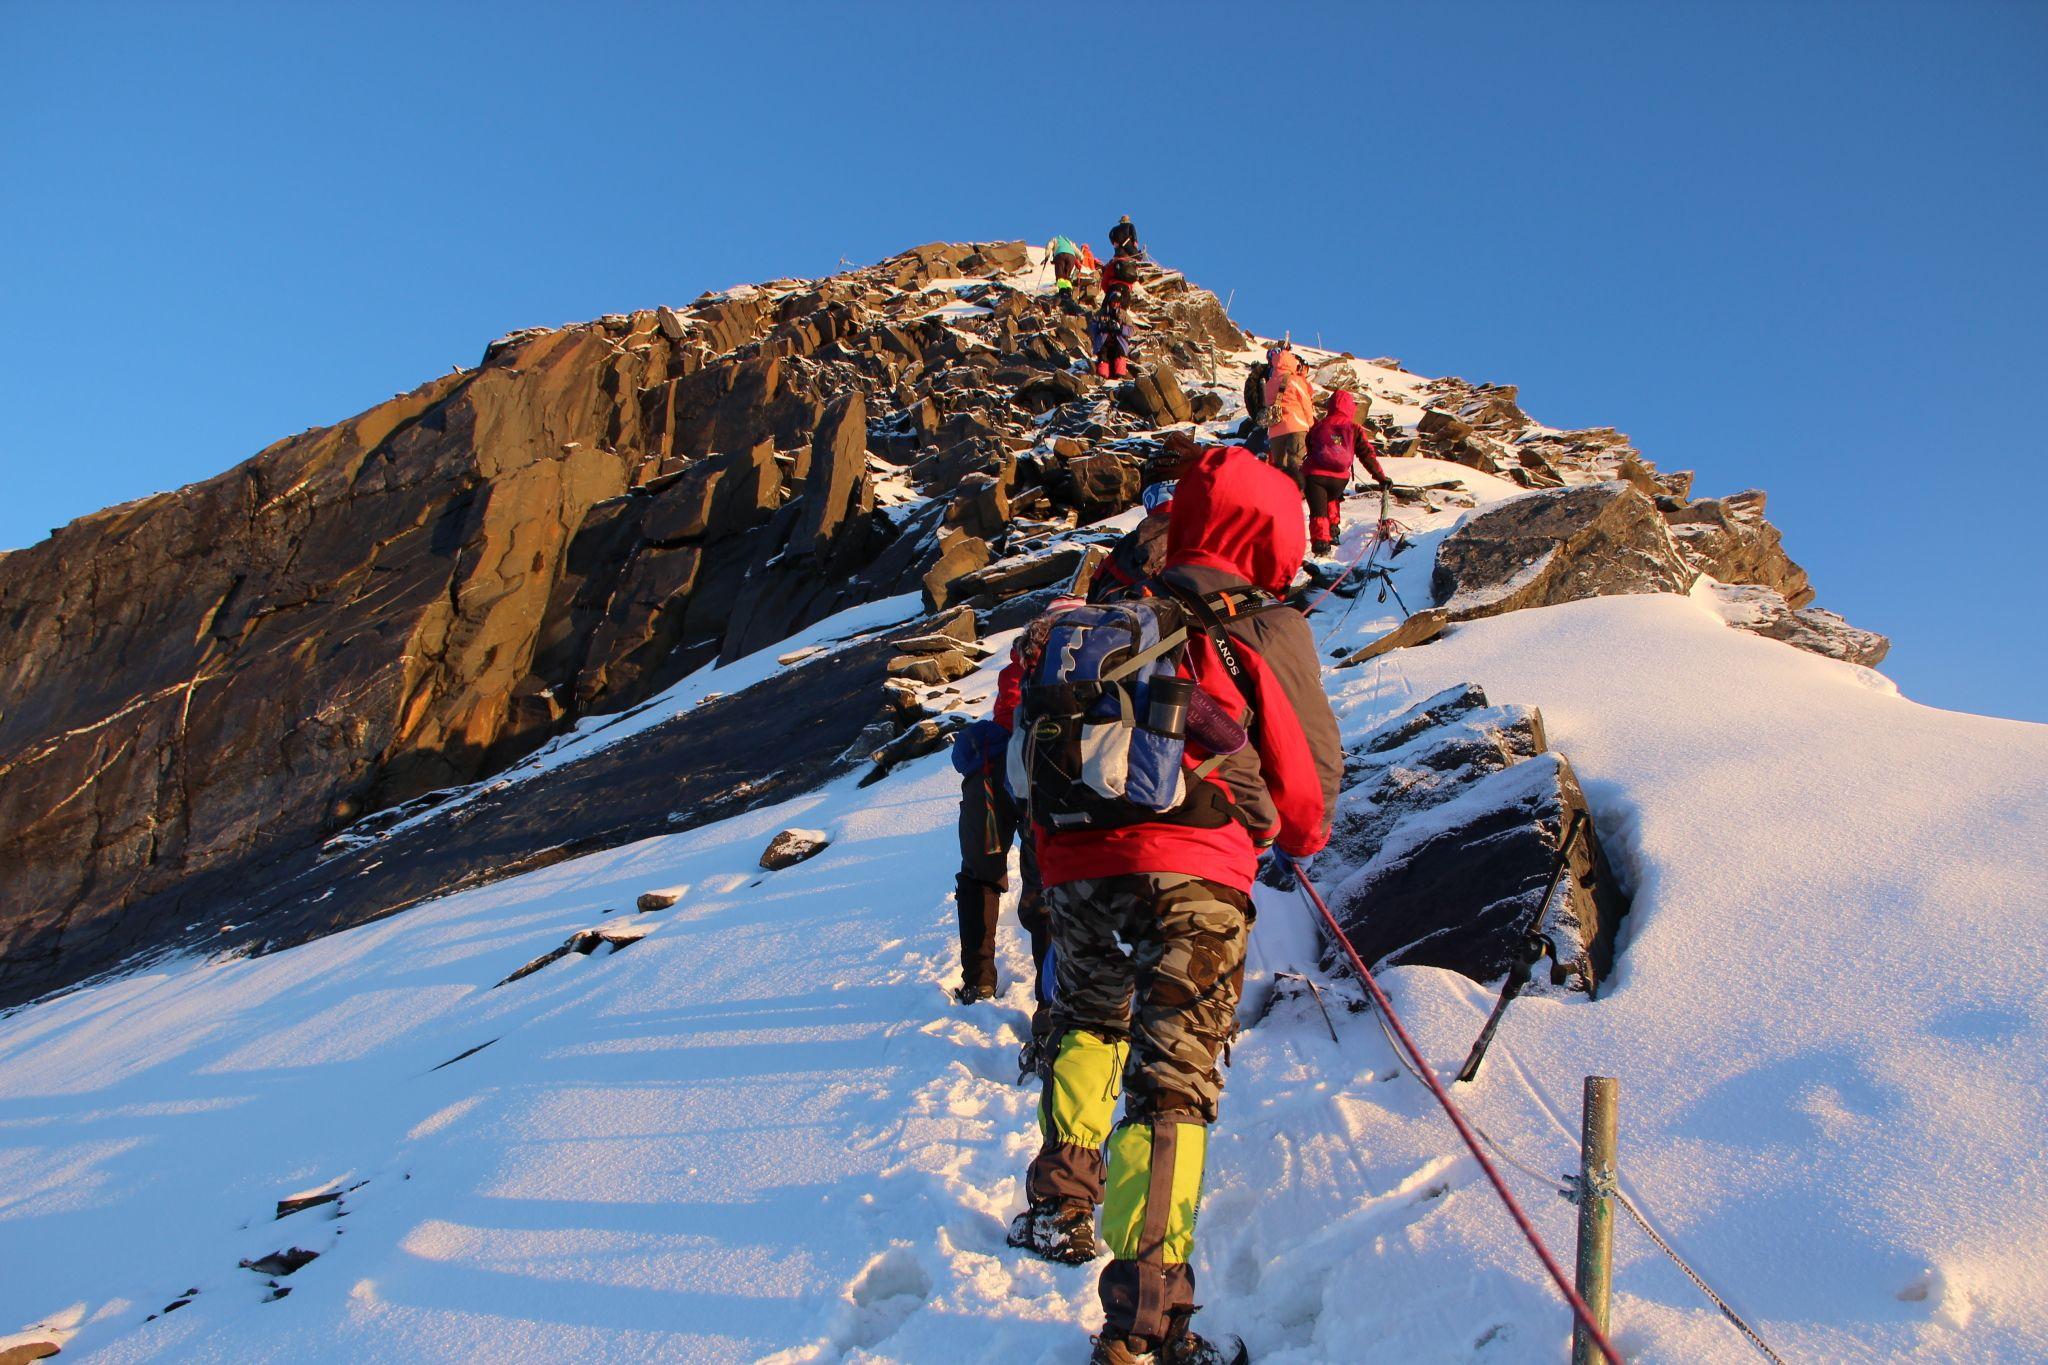 四姑娘山二峰攀登,长坪沟徒步,雪山攀登初级体验